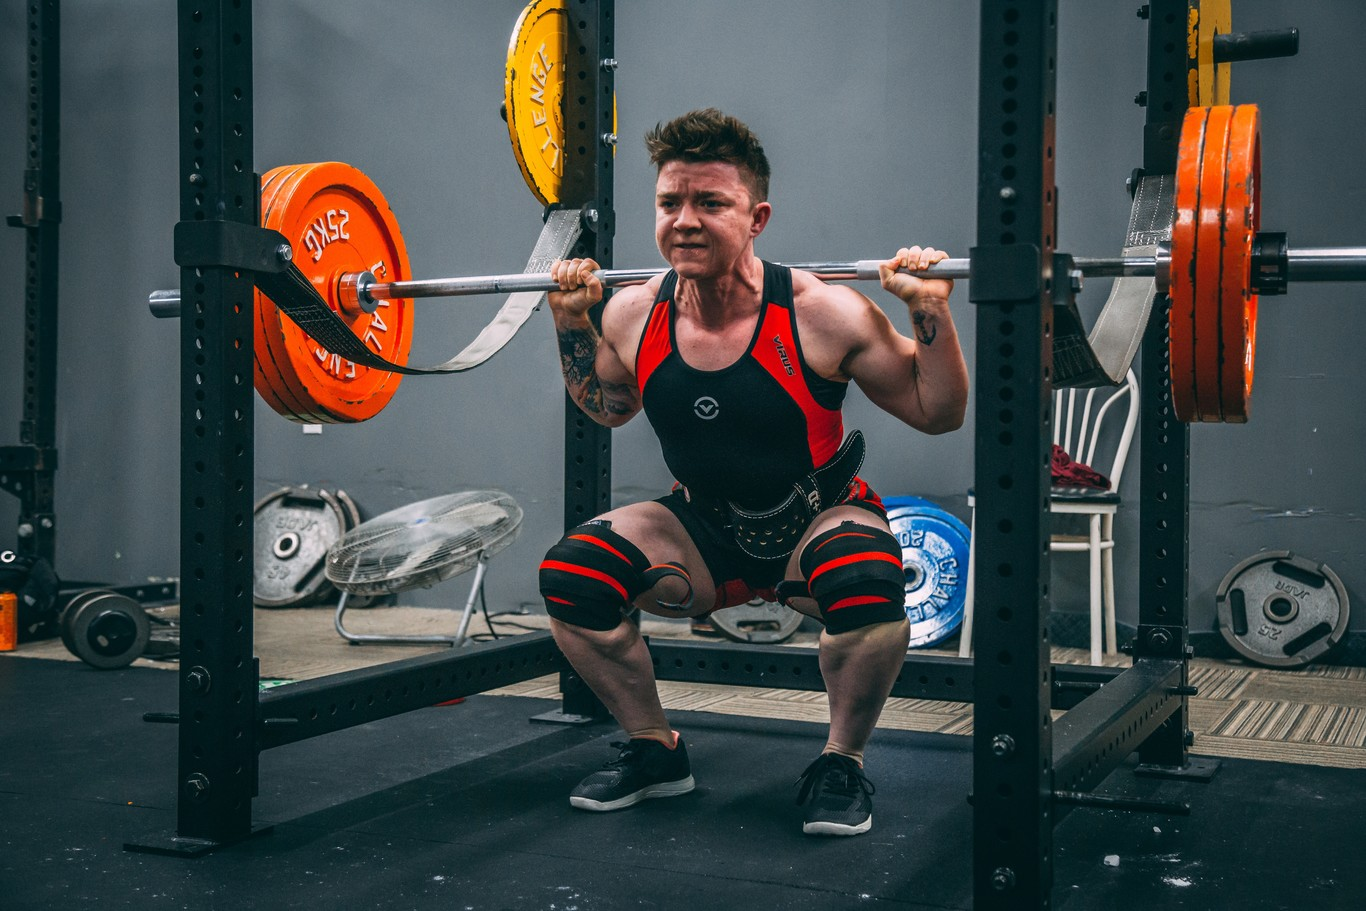 Todo lo que tienes que saber sobre Powerlifting: historia, reglas y cómo ha cambiado los entrenamientos de...